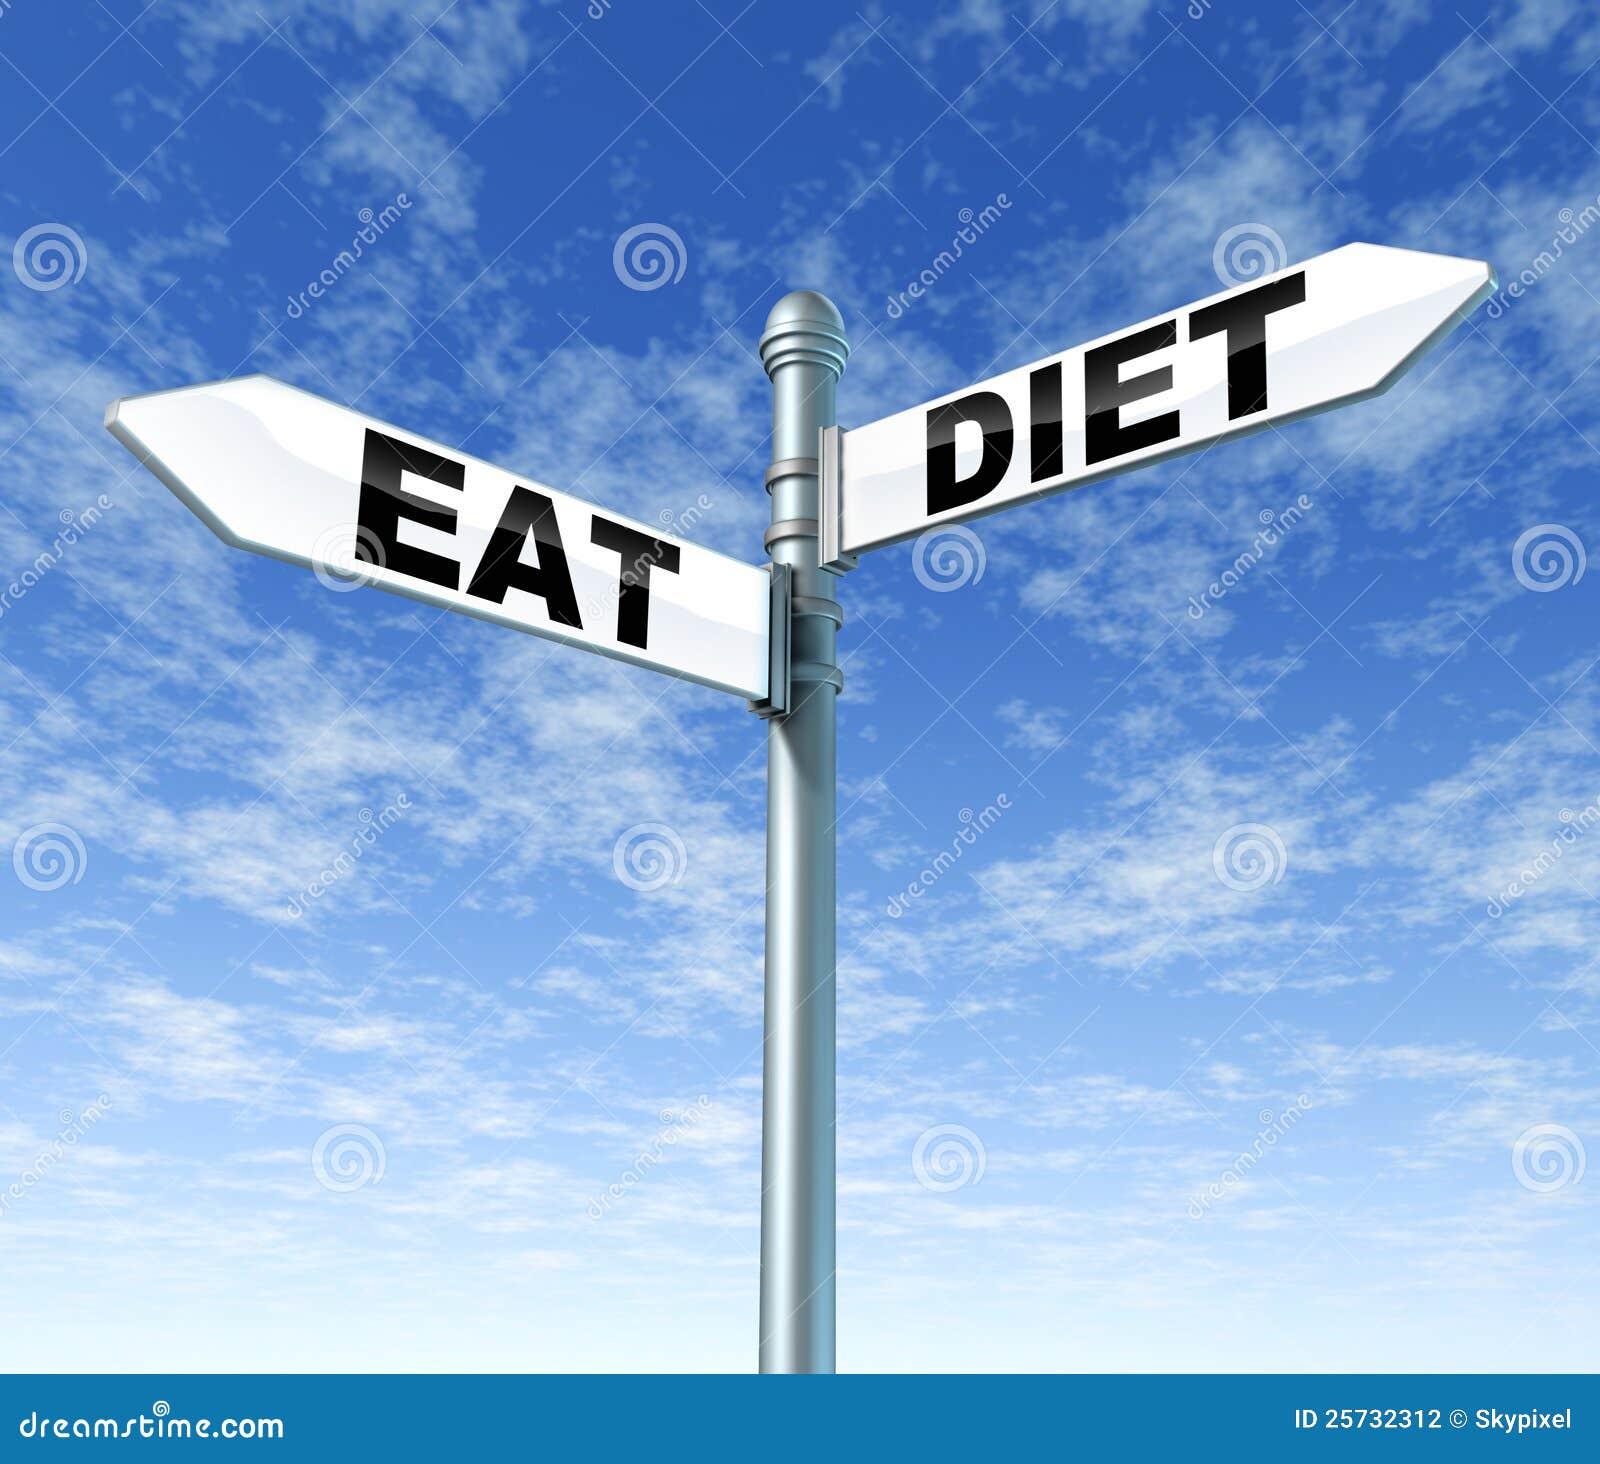 Mangez et suivez un régime le signe de rue